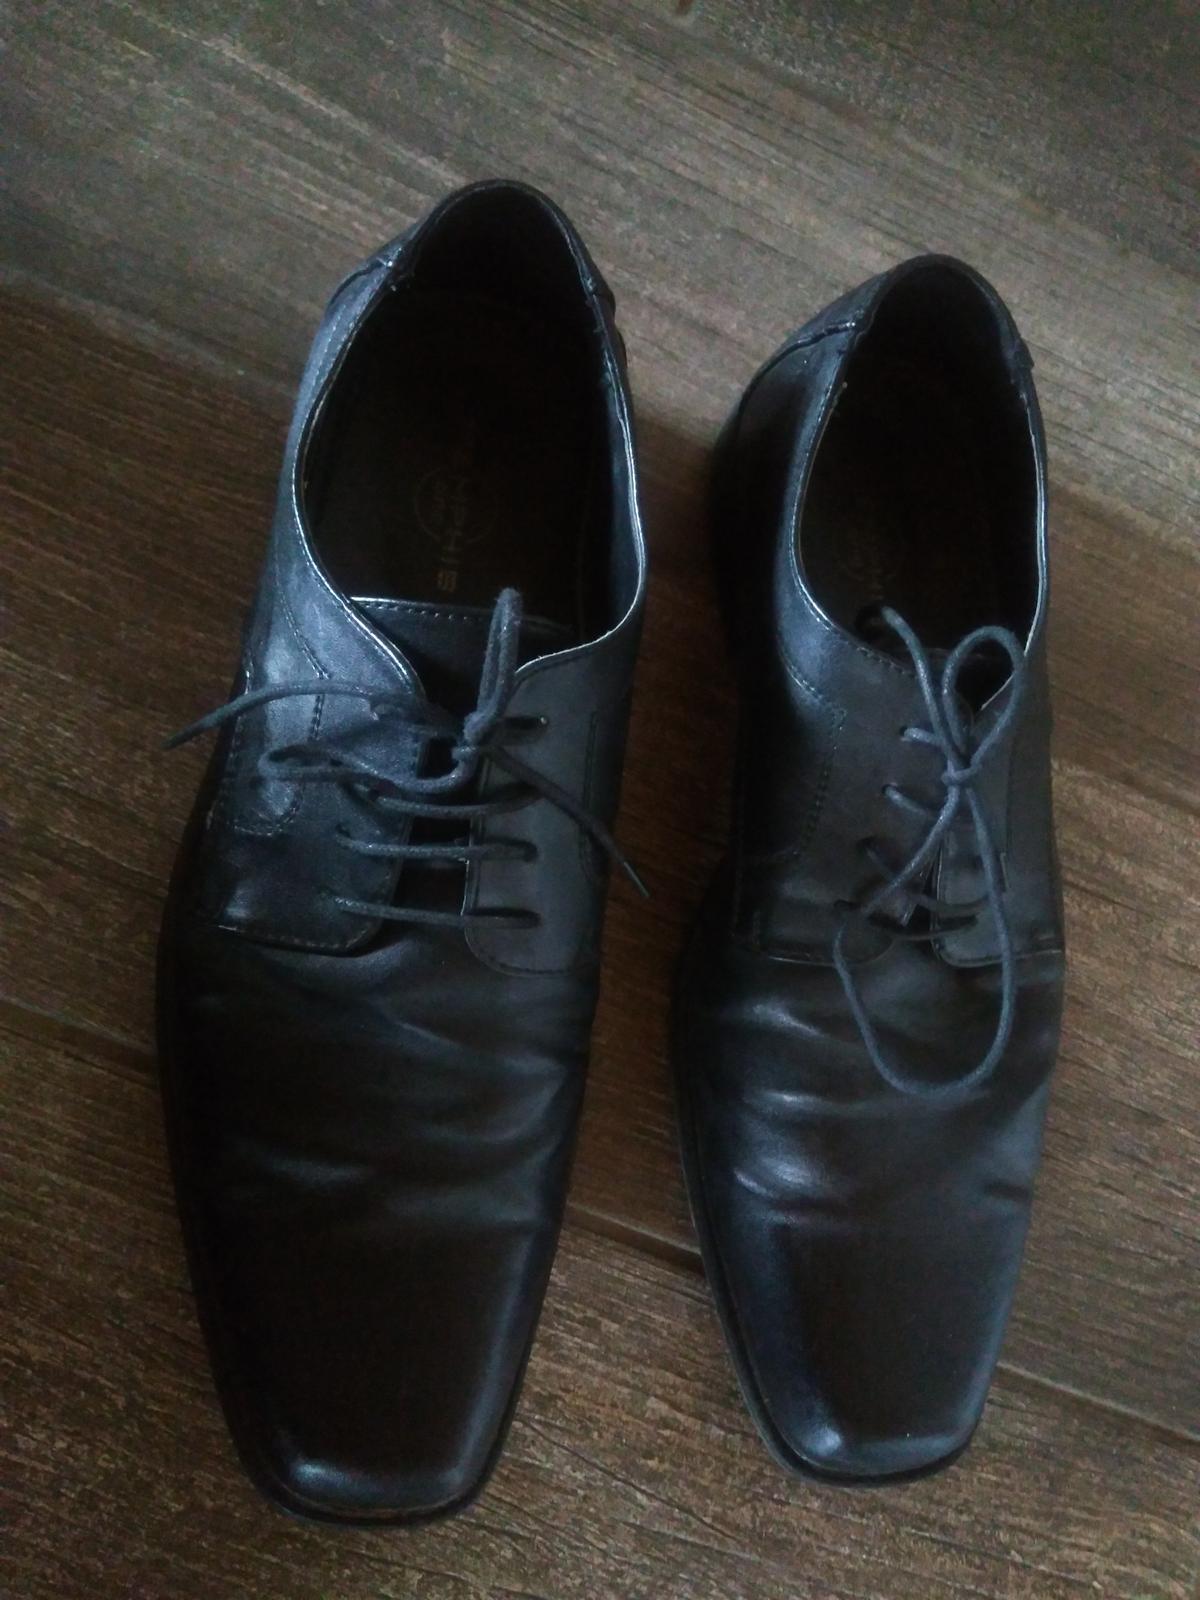 predám pánske topánky - Obrázok č. 1